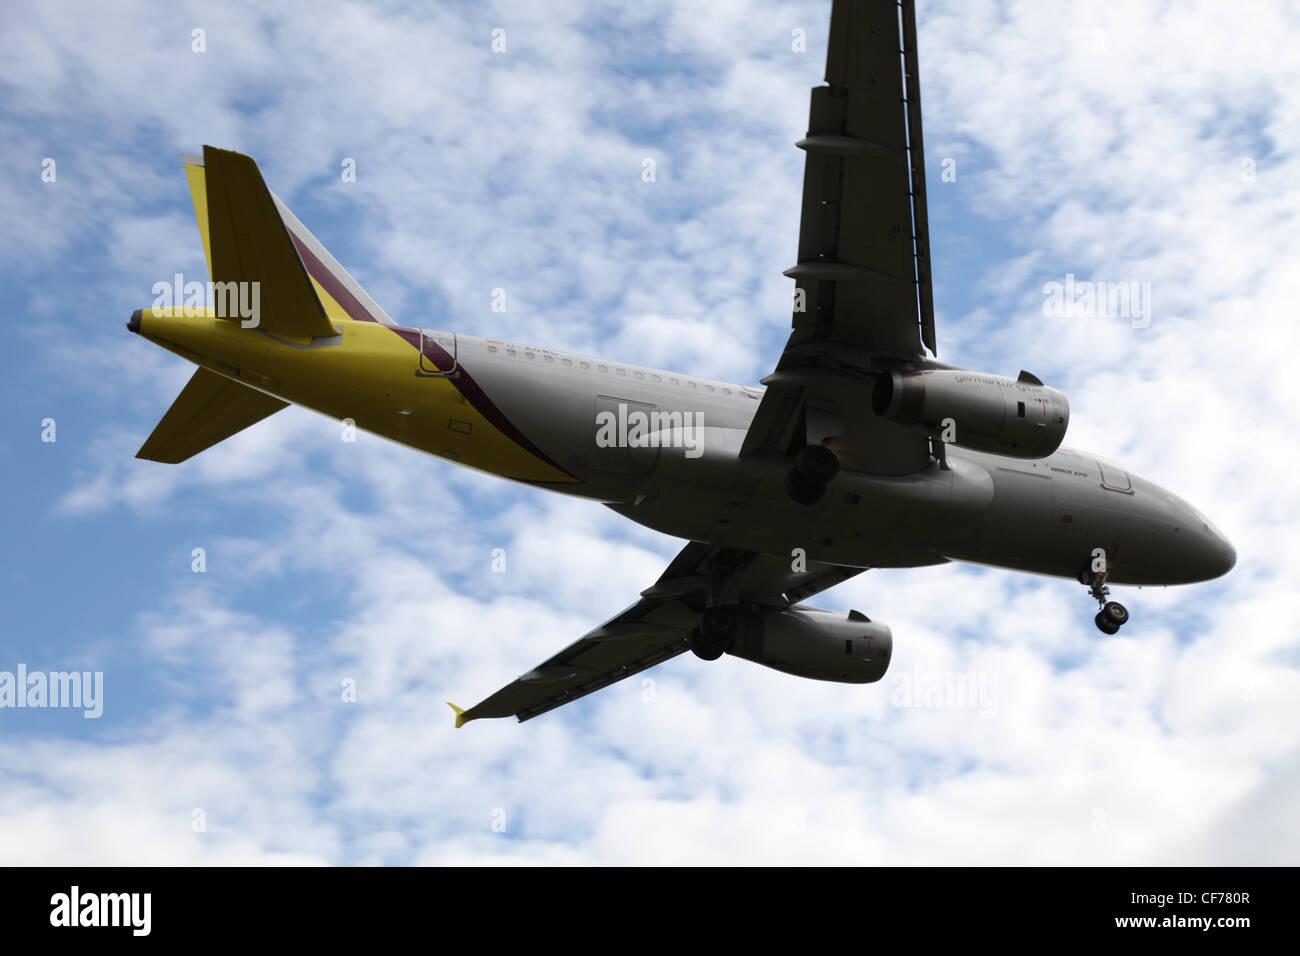 Plane in a cloudy sky, Flugzeug am bewölkten Himmel - Stock Image